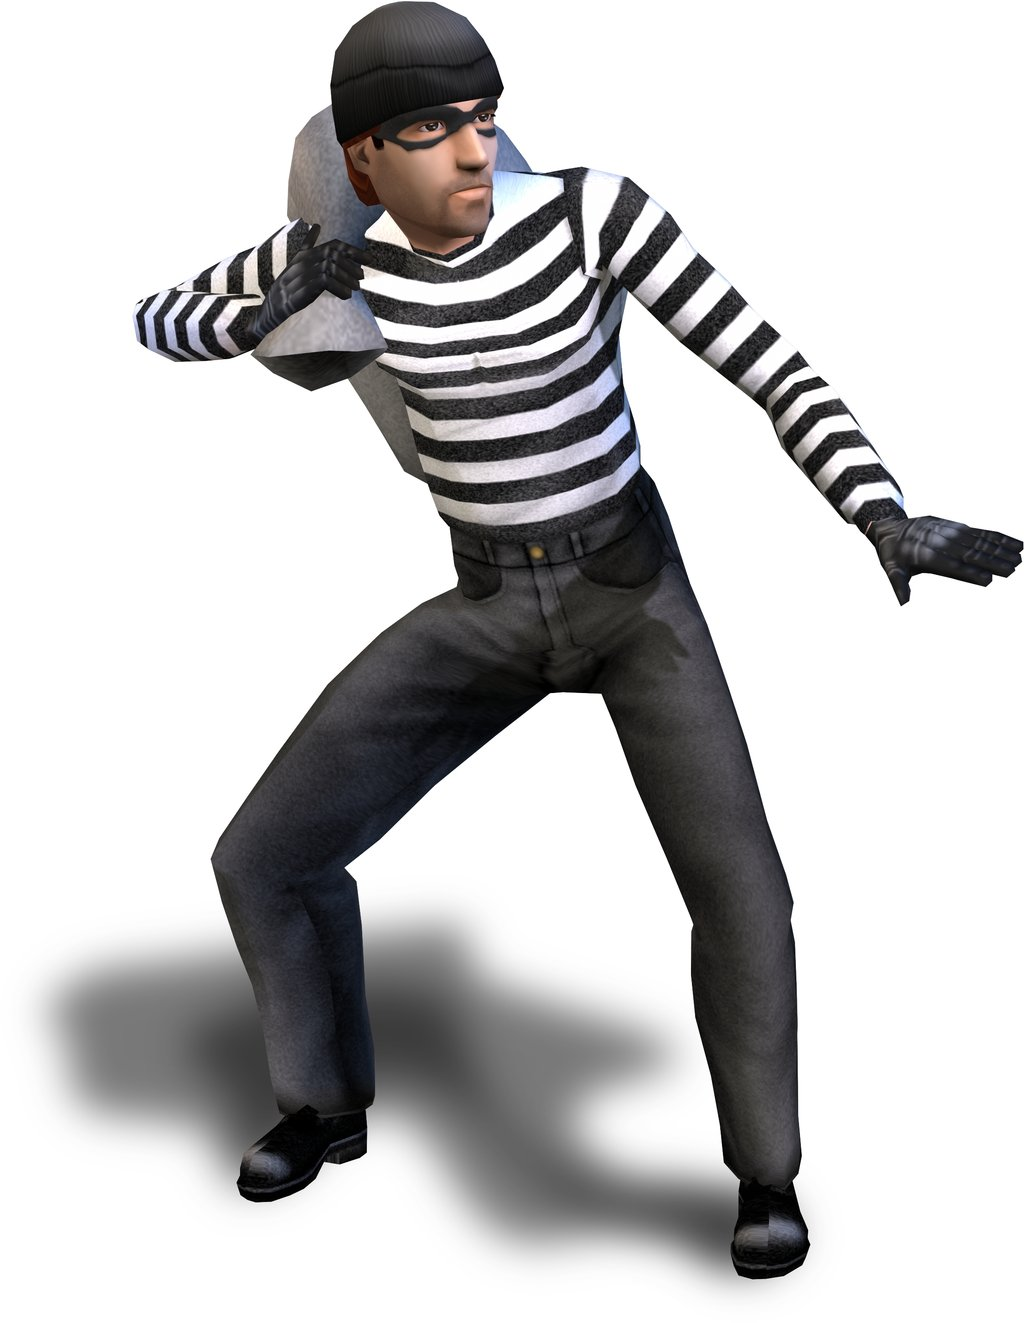 Ip Man 3 Wikipedia Ele burglar | the sims wiki | fandom poweredwikia